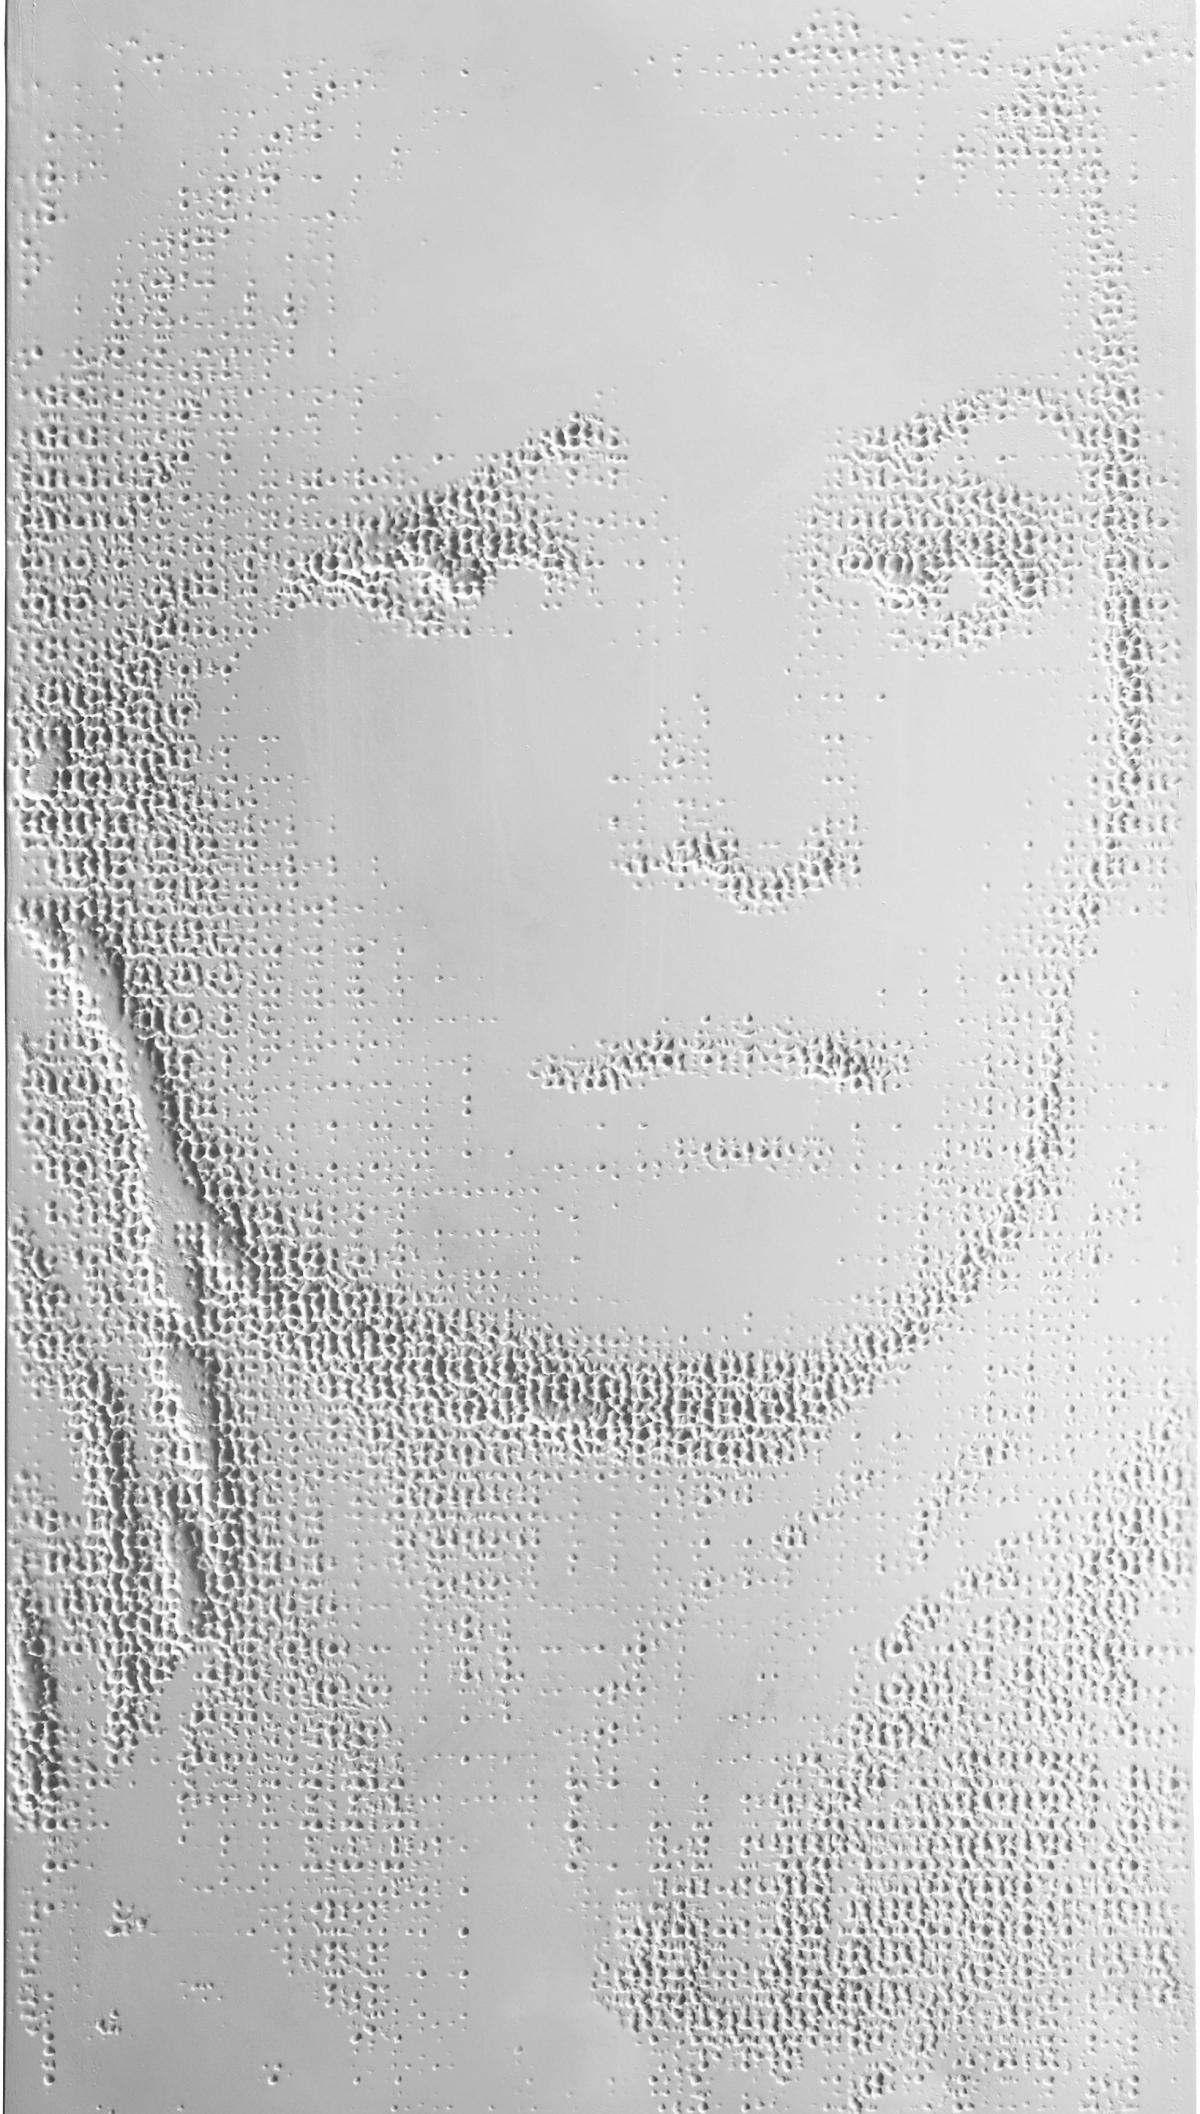 Pani Pikseloza